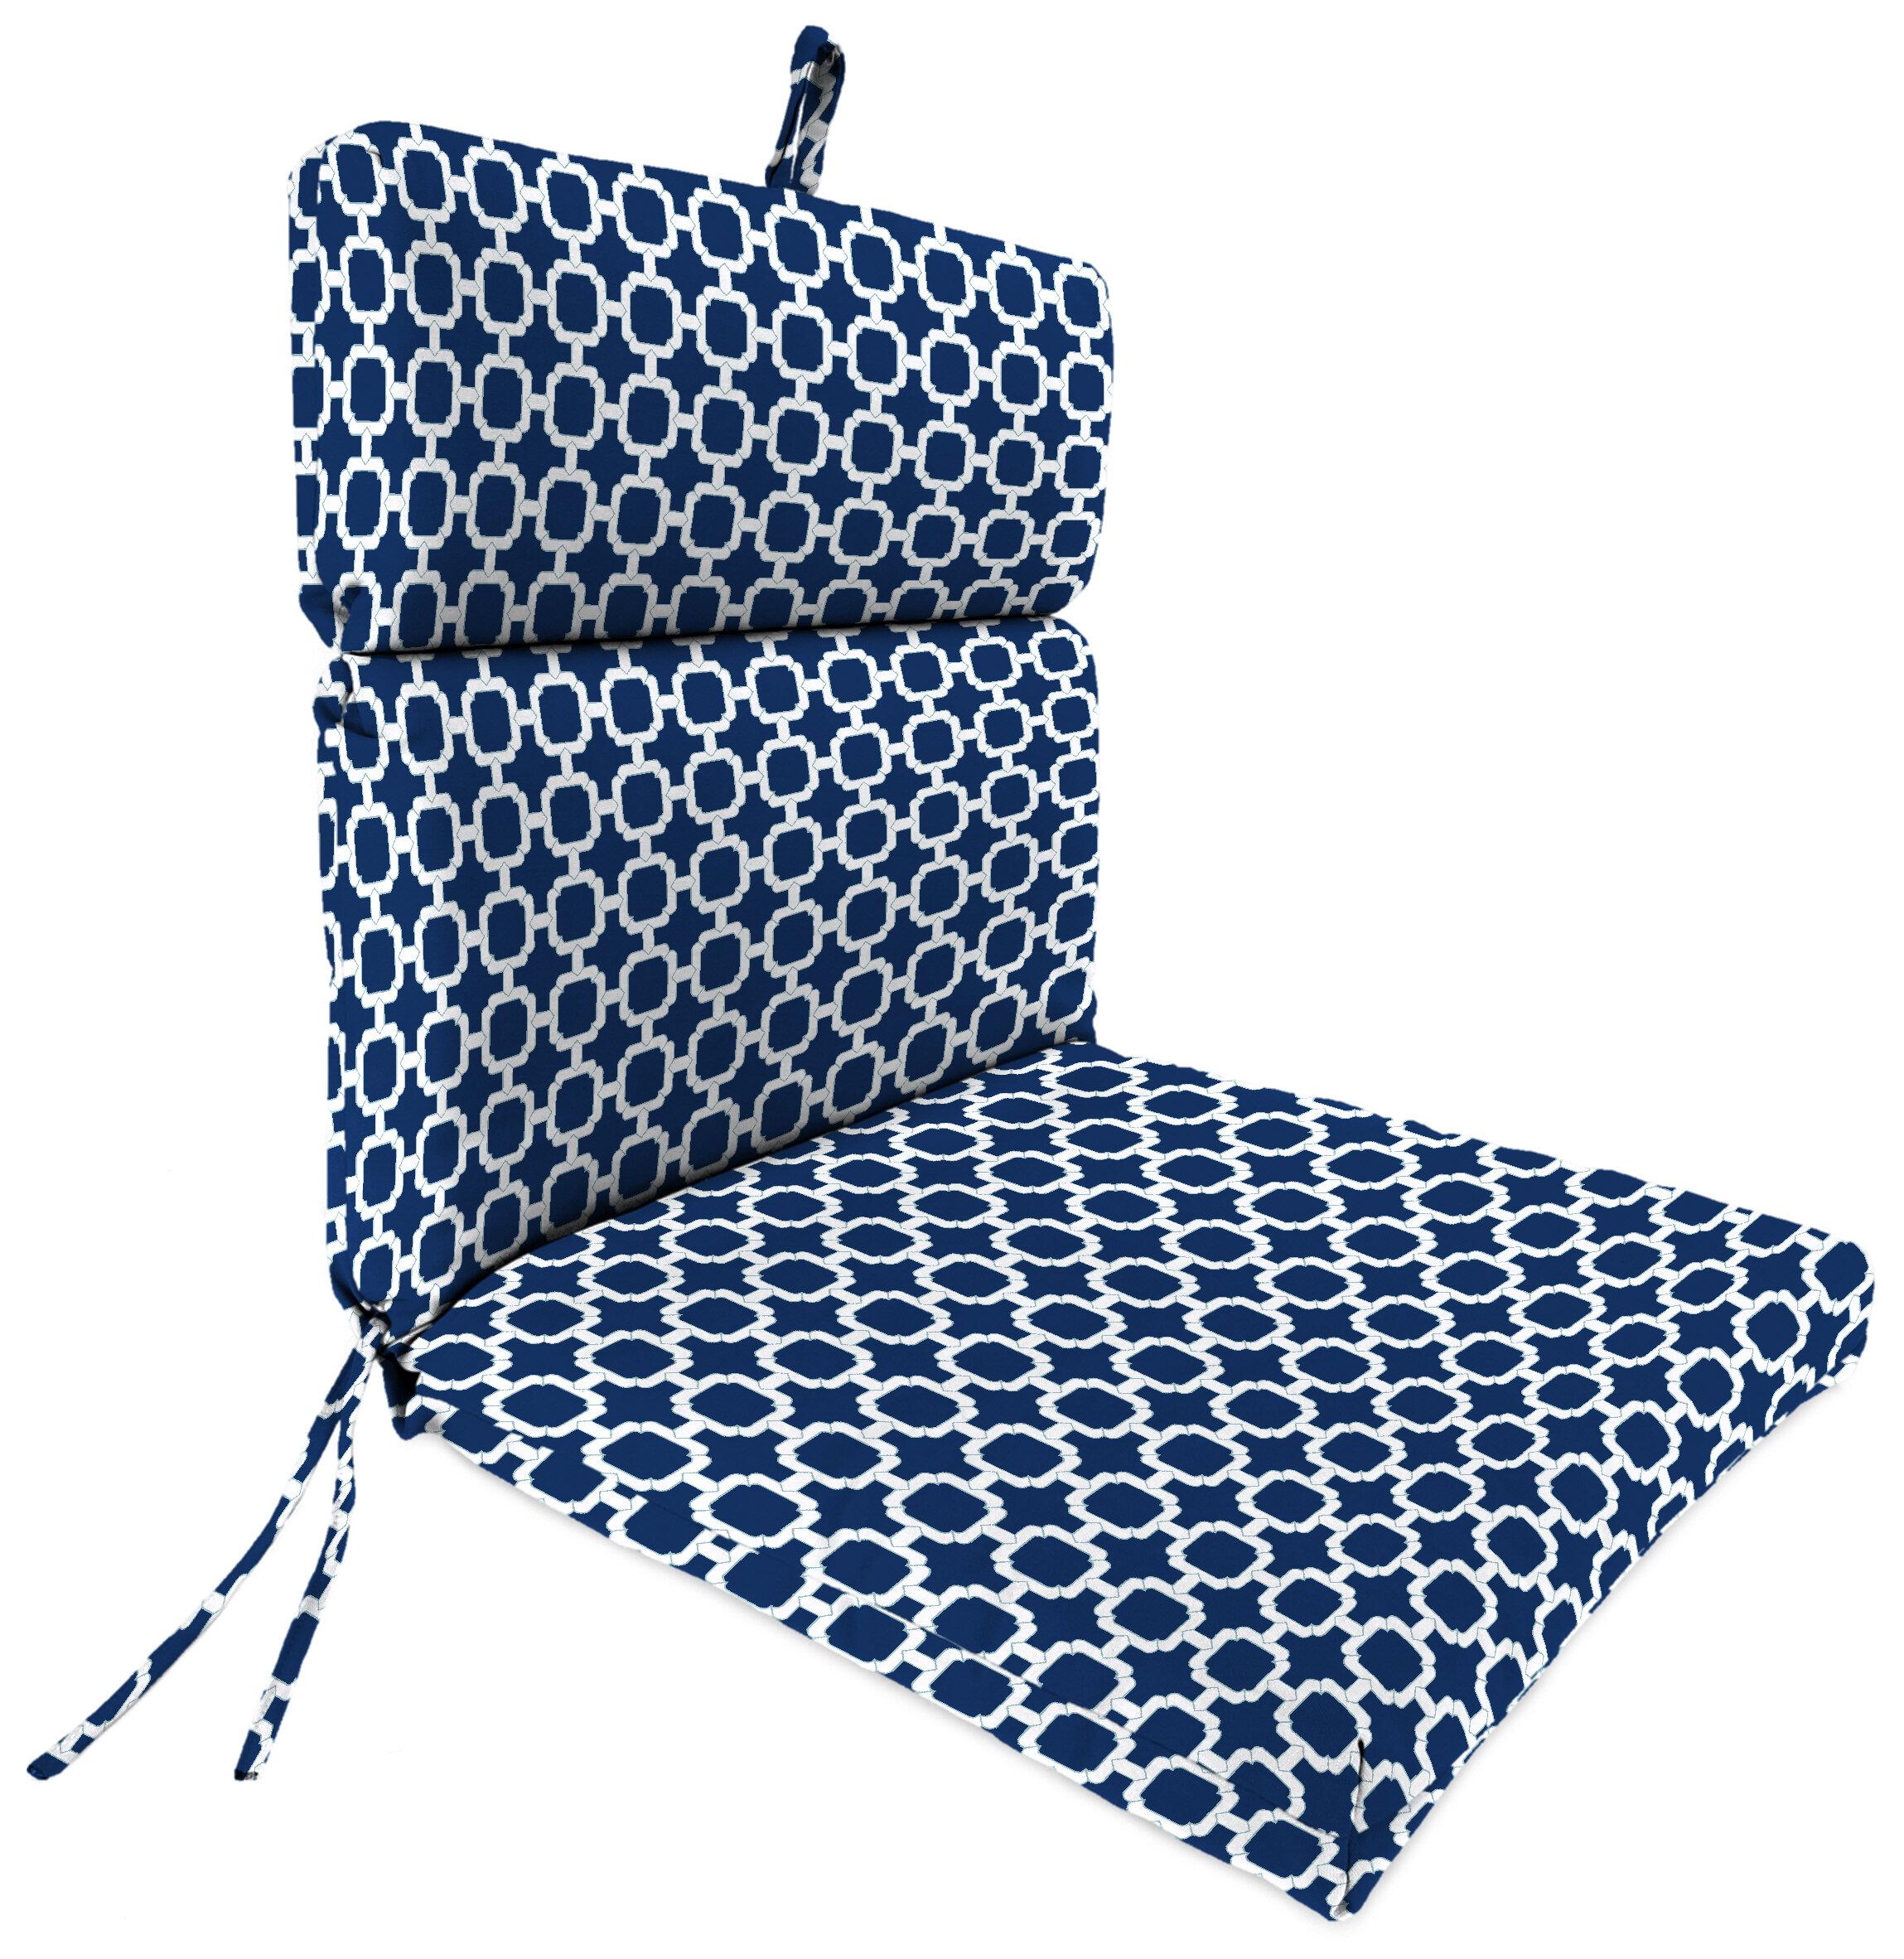 Coussin Pour Fauteuil Adirondack coussin universel pour chaise adirondack intérieur / extérieur